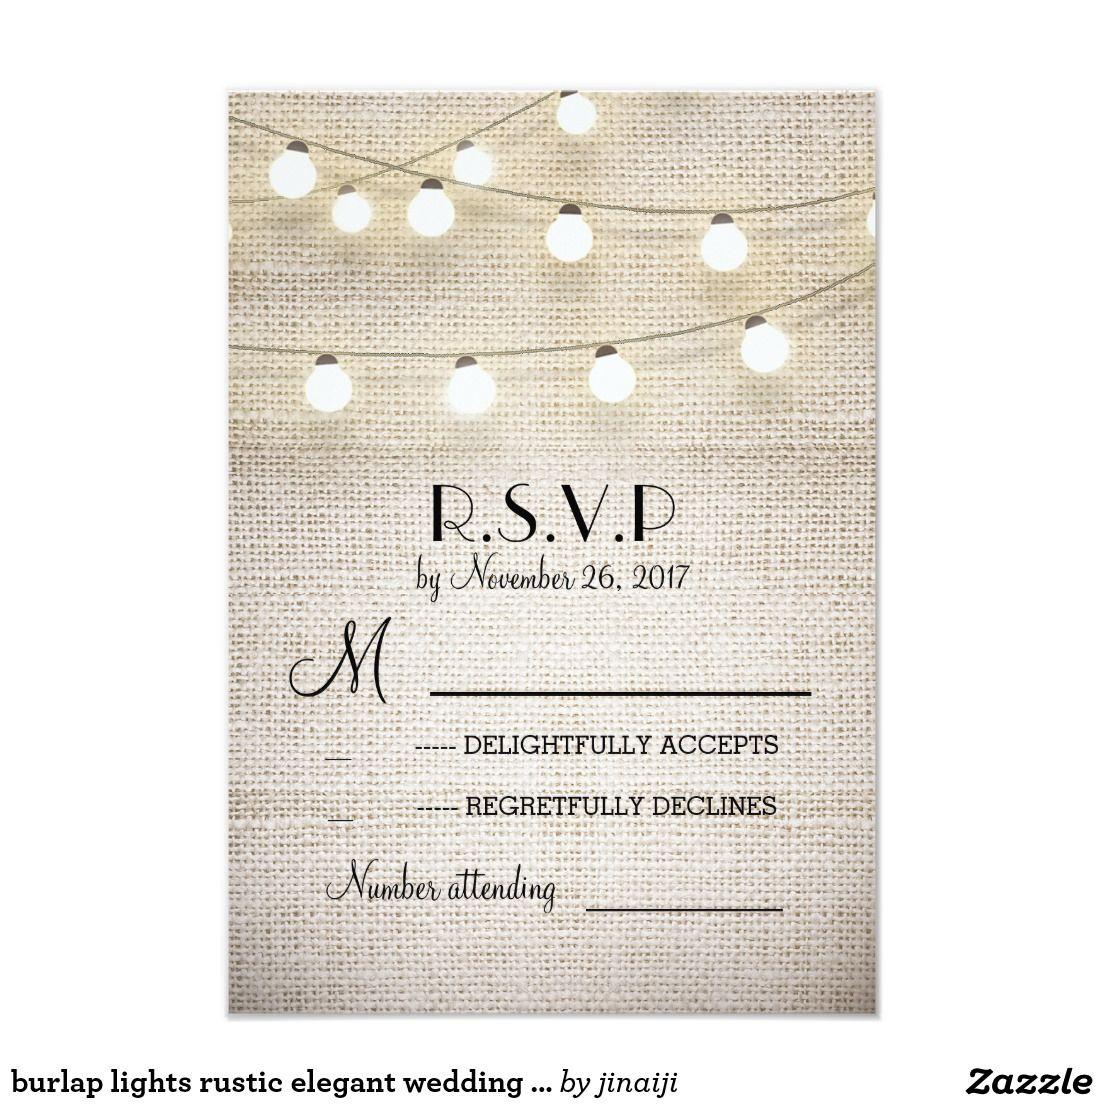 burlap lights rustic elegant wedding RSVP cards | Vintage Wedding ...